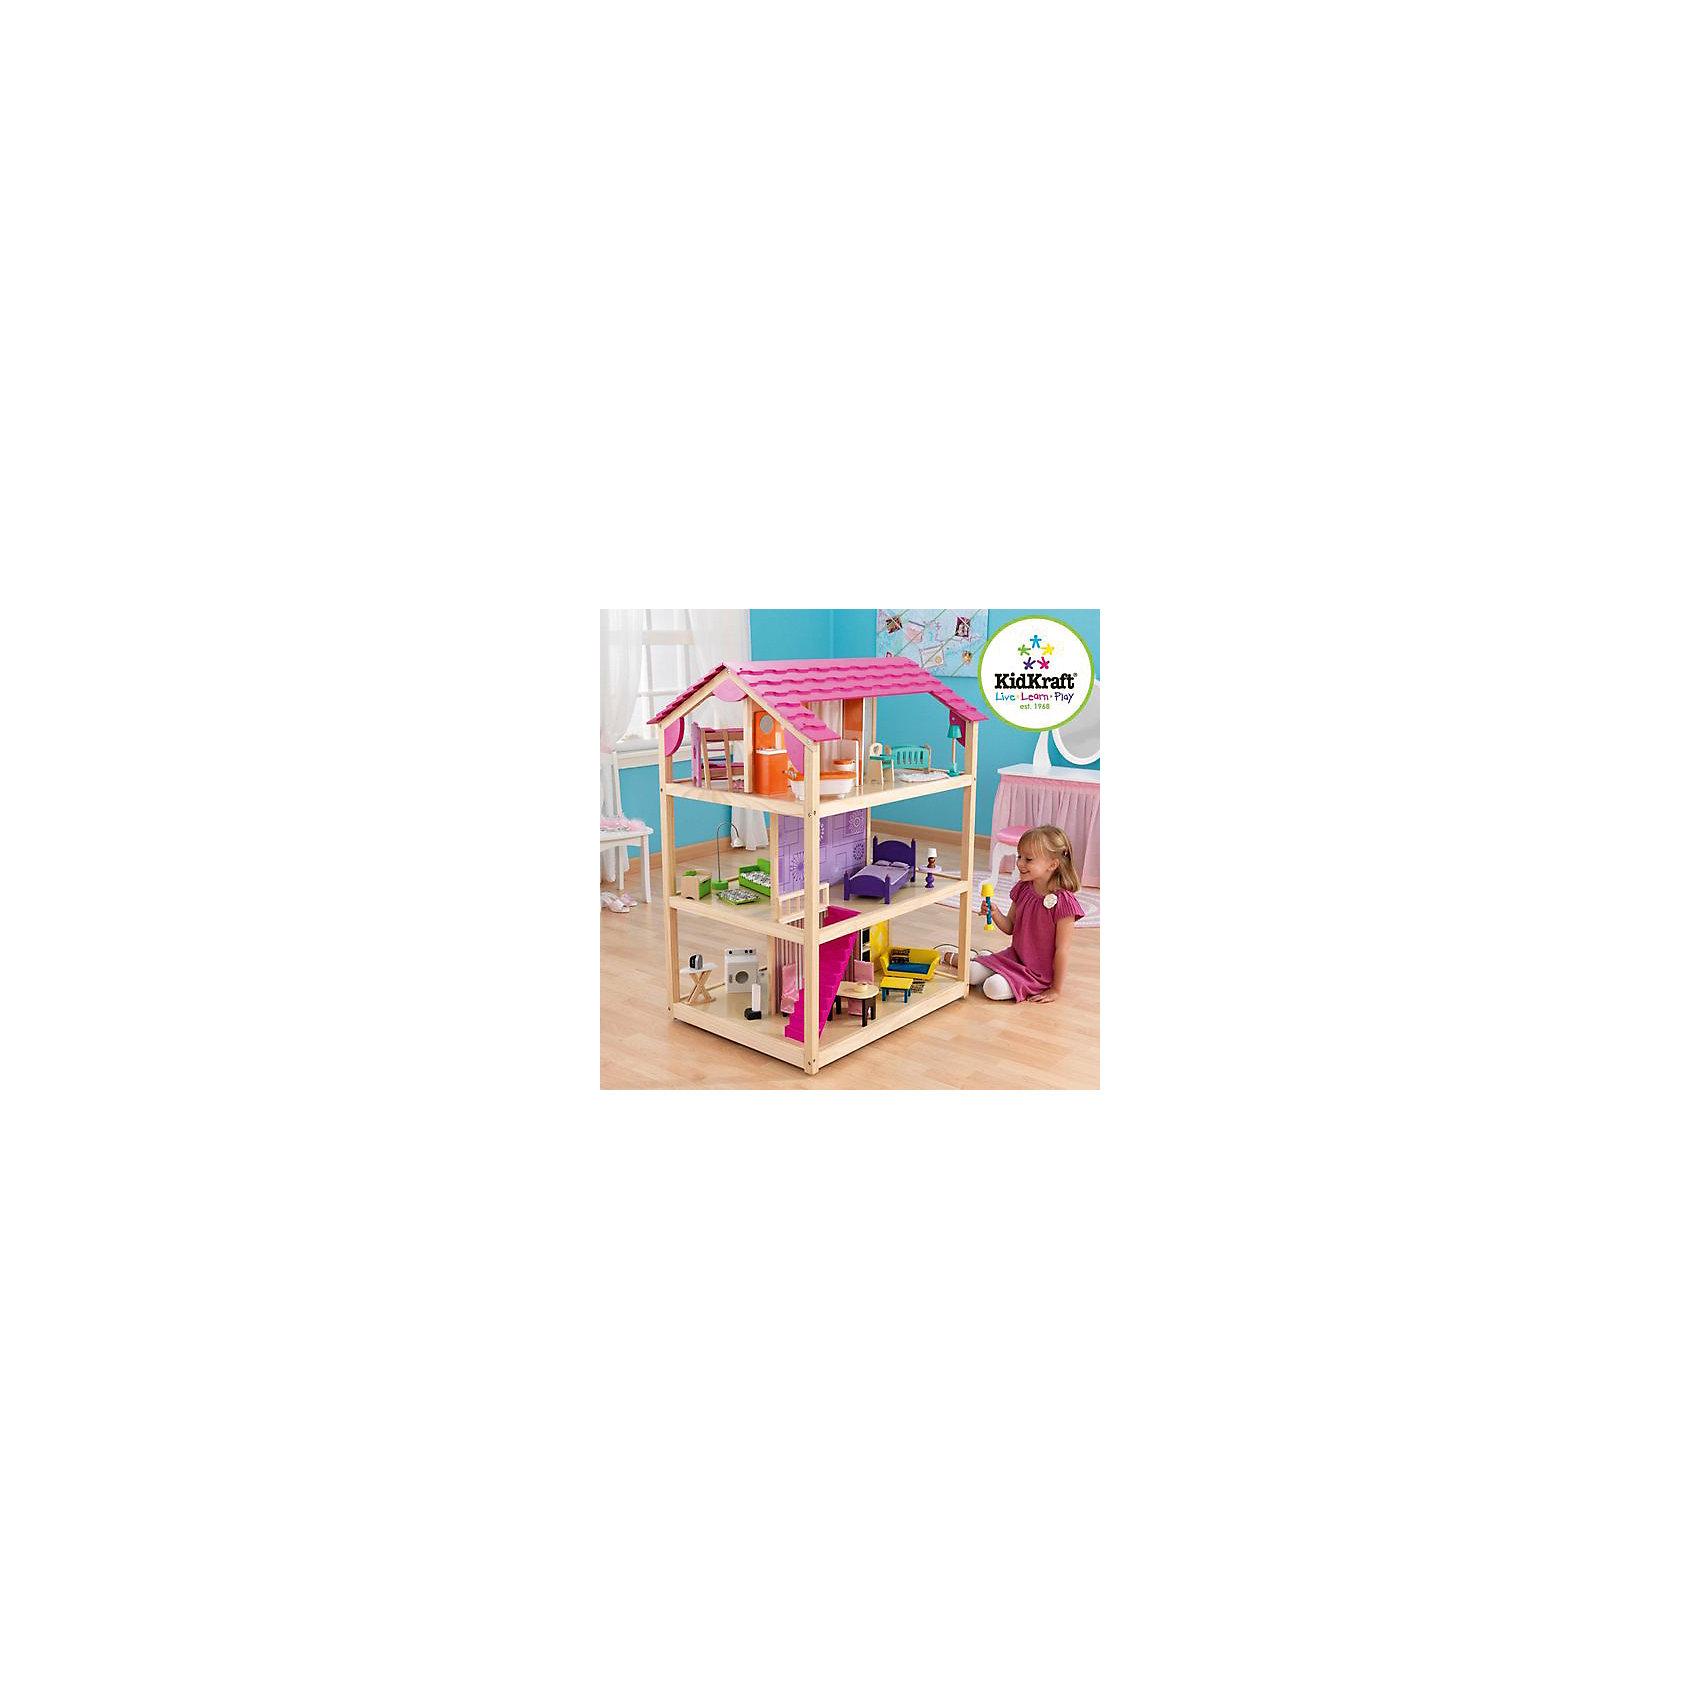 Кукольный домик для Барби Самый роскошный (So Chic), с мебелью, 45 пр., на колесиках, KidKraftДомики и мебель<br>Кукольный домик для Барби Самый роскошный на колесиках, KidKraft (КидКрафт).<br><br>Характеристики:<br>•Материал: дерево, МДФ, текстиль, пластик.<br>•Дом полностью открытый (игровые поверхности по всему периметру домика).<br>•3 этажа, 10 просторных комнаты, лестницы.<br>•Цвет: розовый.<br>•Укомплектован мебелью и аксессуарами (45 элементов).<br>•В основании домика устанавливаются колесики для возможности его вращения (для игры в ограниченном пространстве) и легкого перемещения по комнате.<br>•Подходит для кукол высотой до 30см. <br>•Конструкция продается в разобранном виде. (Инструкция прилагается).<br>•Размер игрушки в собранном виде - 87х76х118 см.<br>•Размер упаковки - 100х75х25 см.<br>•Вес: 33 кг.<br><br>Кукольный домик для Барби Самый роскошный на колесиках, KidKraft (КидКрафт) – это самый большой кукольный домик в линейке KidKraft (КидКрафт). Это полностью открытый дом с игровыми зонами по всему периметру. В домике 3 этажа, 10 комнат, каждая из которых выполнена в отдельном неповторяющемся дизайне. На первом этаже располагаются комната отдыха, столовая, кухня и прачечная, на втором – художественная гостиная и спальня, на третьем – ванная комната, комната новорожденного, детская спальня и рабочий кабинет. Этажи между собой соединены большими розовыми лестницами. <br>Главной особенностью такого домика является то, что к основанию крепятся колесики, благодаря которым домик легко вращается и передвигается. Вращая дом можно менять игровые зоны, что очень удобно при ограниченном пространстве помещения, в котором установлена игрушка. Даже если дом установлен в центре детской комнаты, и к любой стороне домика подход не ограничен, возможность его быстрого перемещения упростит процесс эксплуатации игрушки. Материалы, из которых изготовлен домик, полностью соответствуют российским стандартам безопасности. <br><br>Кукольный домик для Барби Самый роскошный на ко